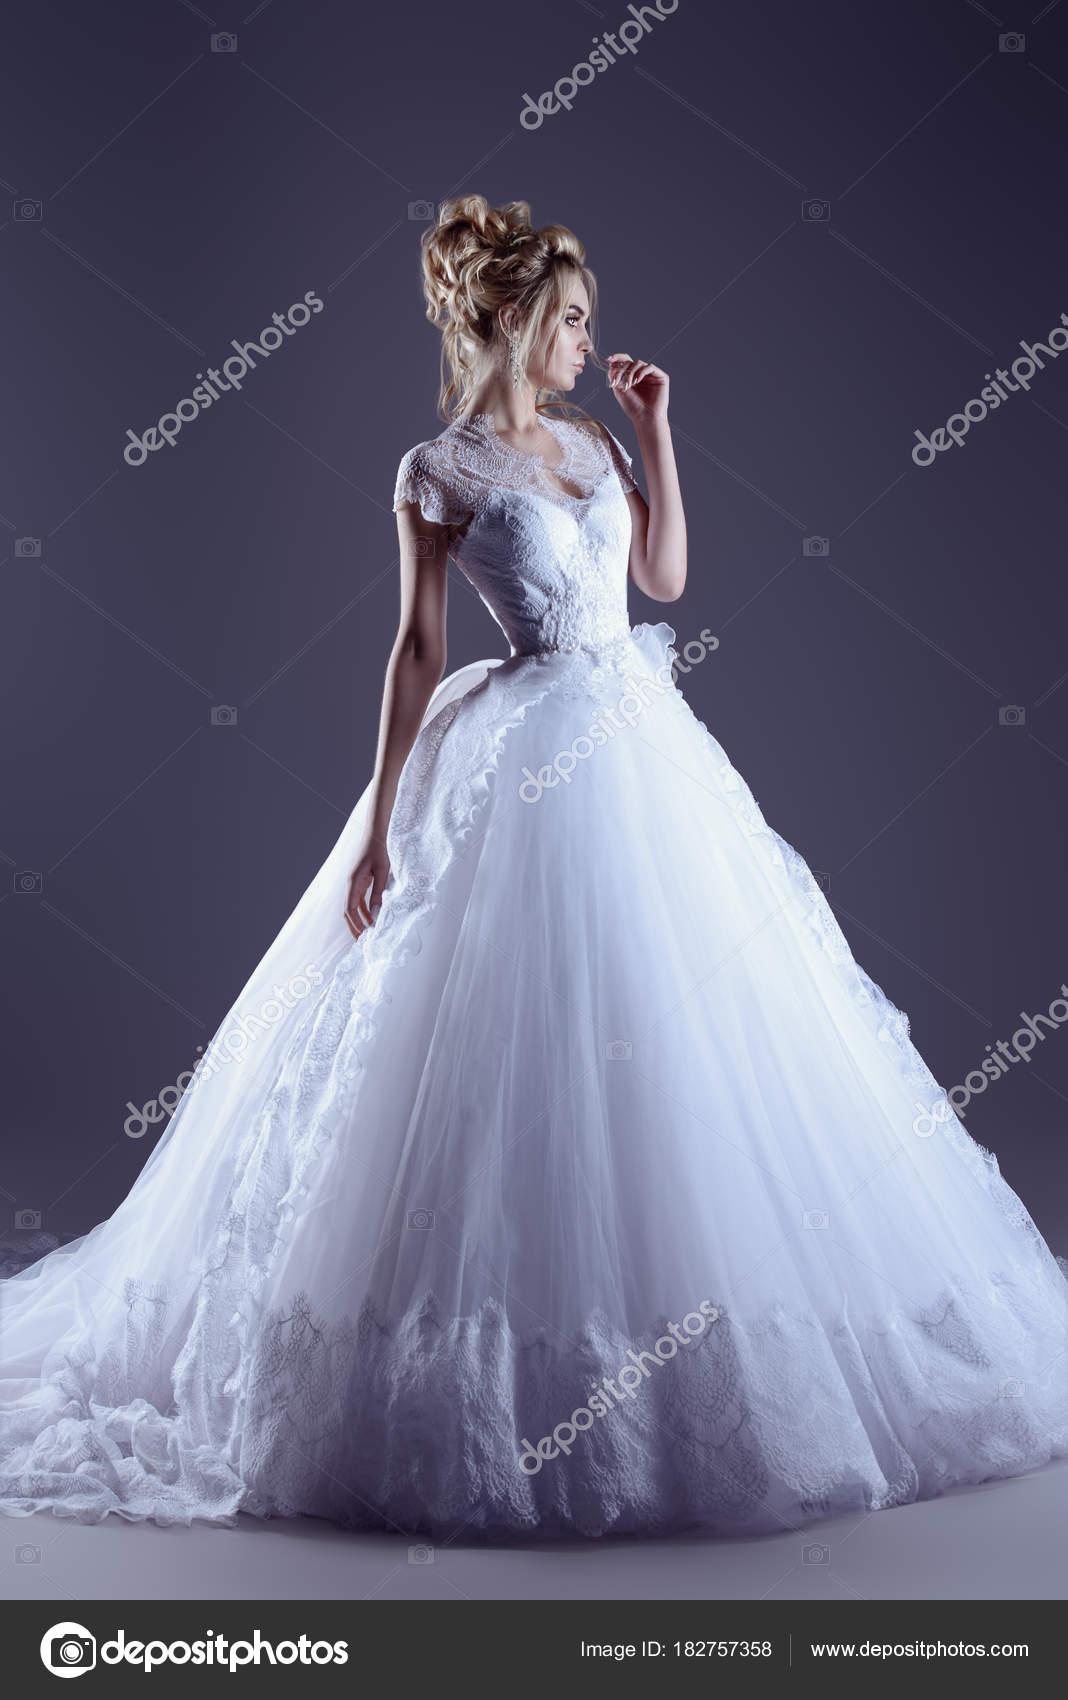 Excepcional Vestidos De Novia Elegante Adorno - Vestido de Novia ...